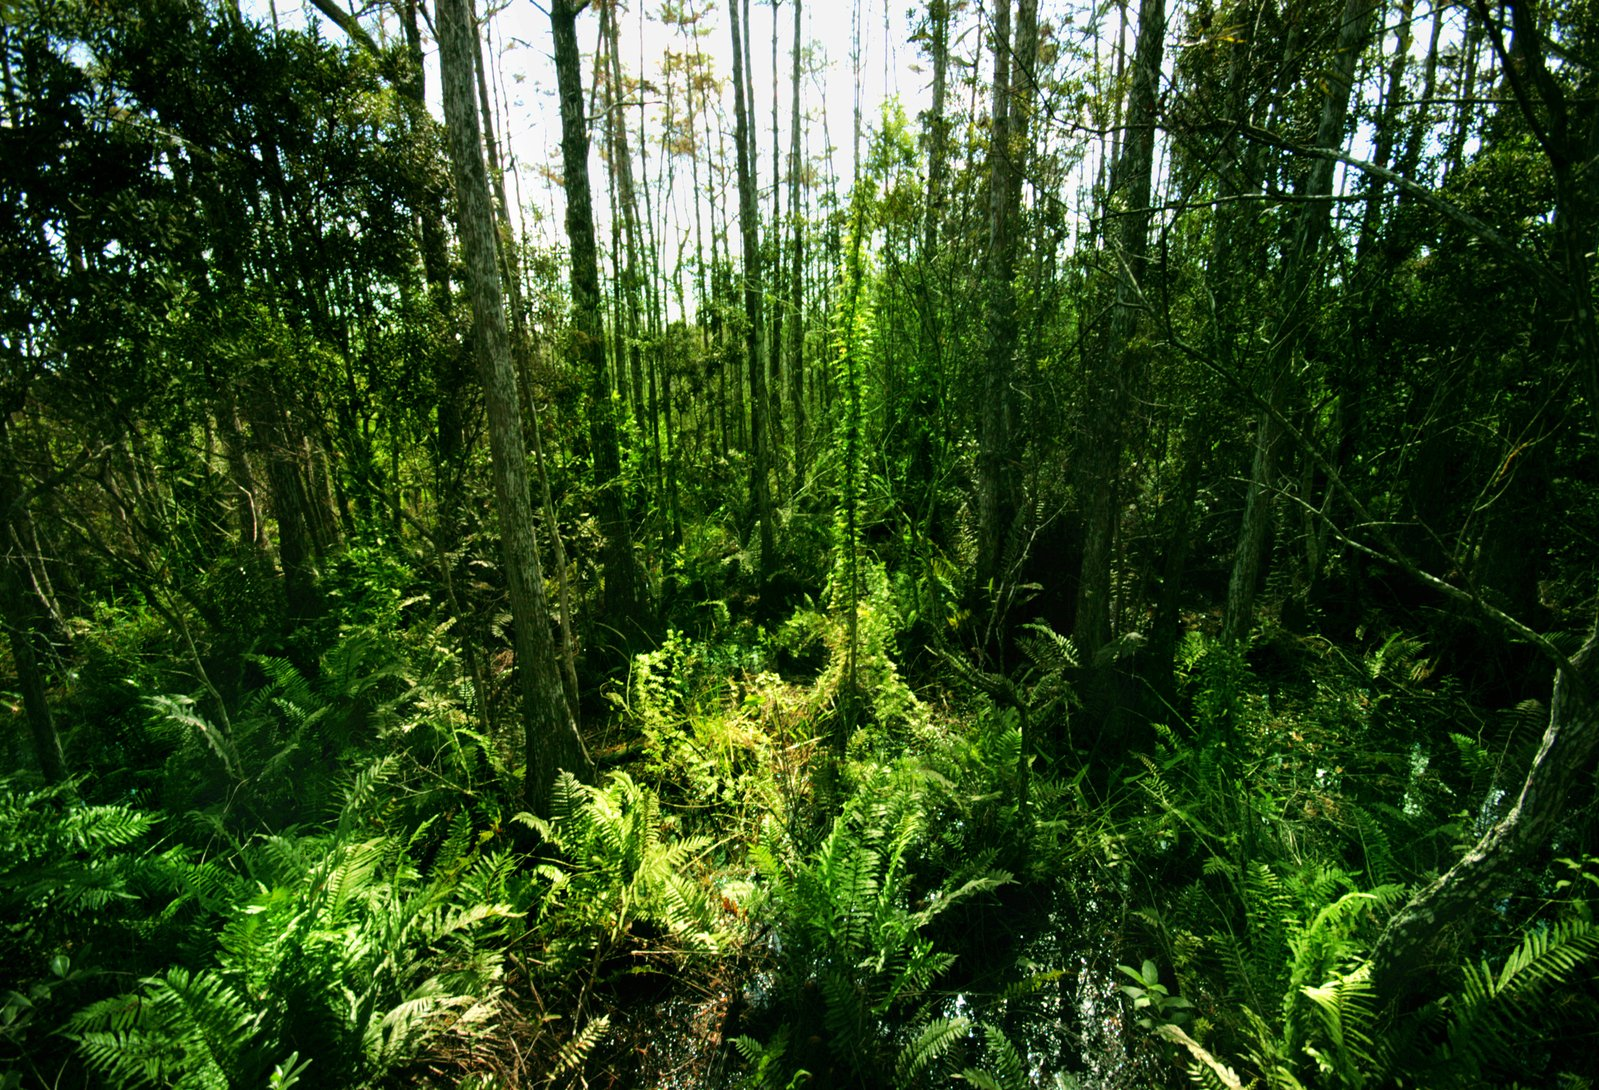 A jungle